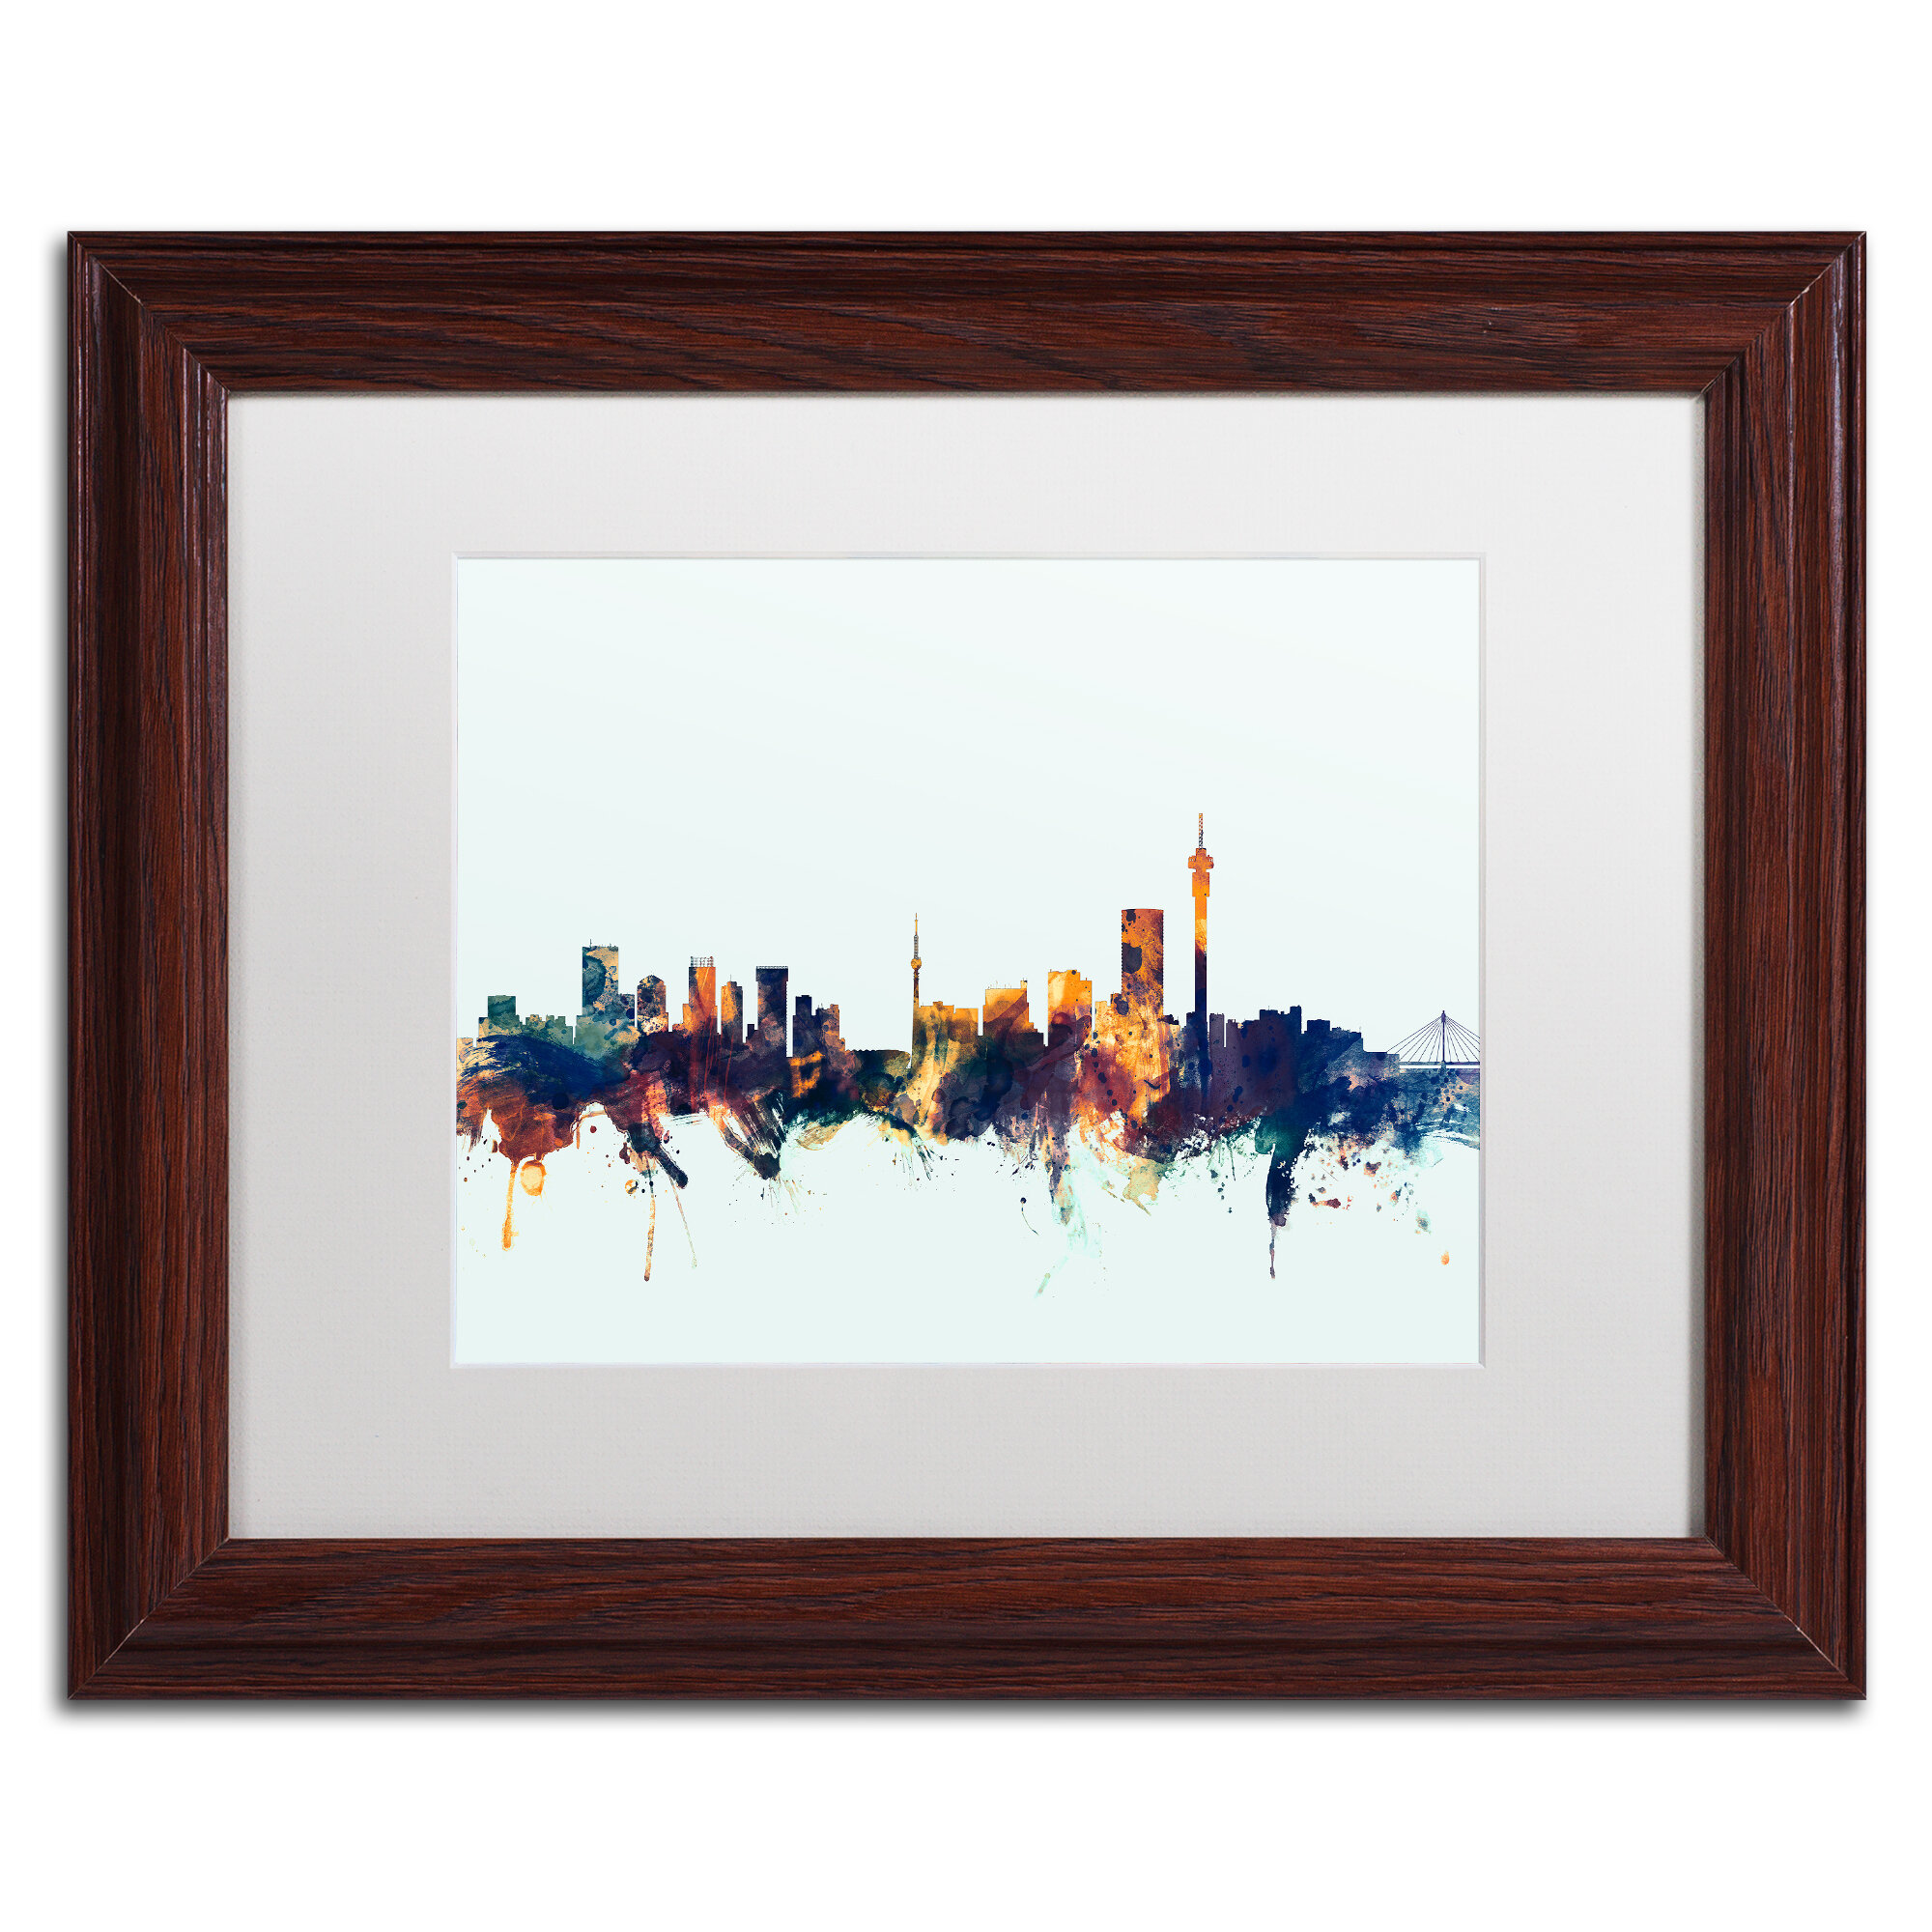 Trademark Art Johannesburg Skyline Blue Framed Graphic